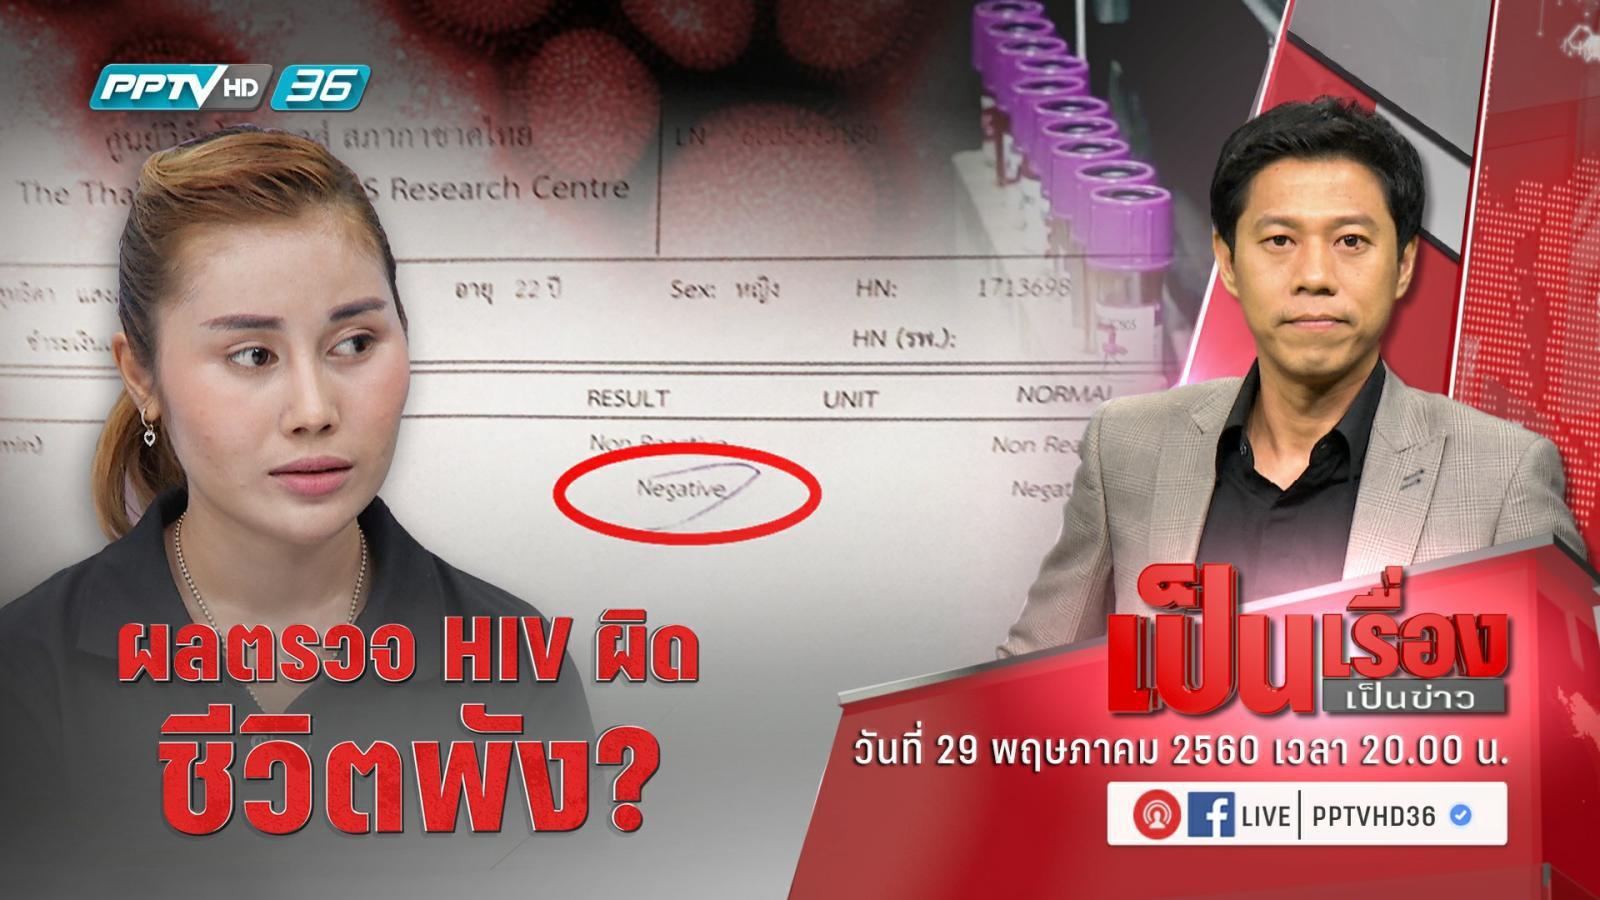 """""""สาว 22"""" โวย หมอตรวจผิด ติด HIV ชีวิตพัง 10 ปี ถึงรู้ว่าไม่เป็นเอดส์"""